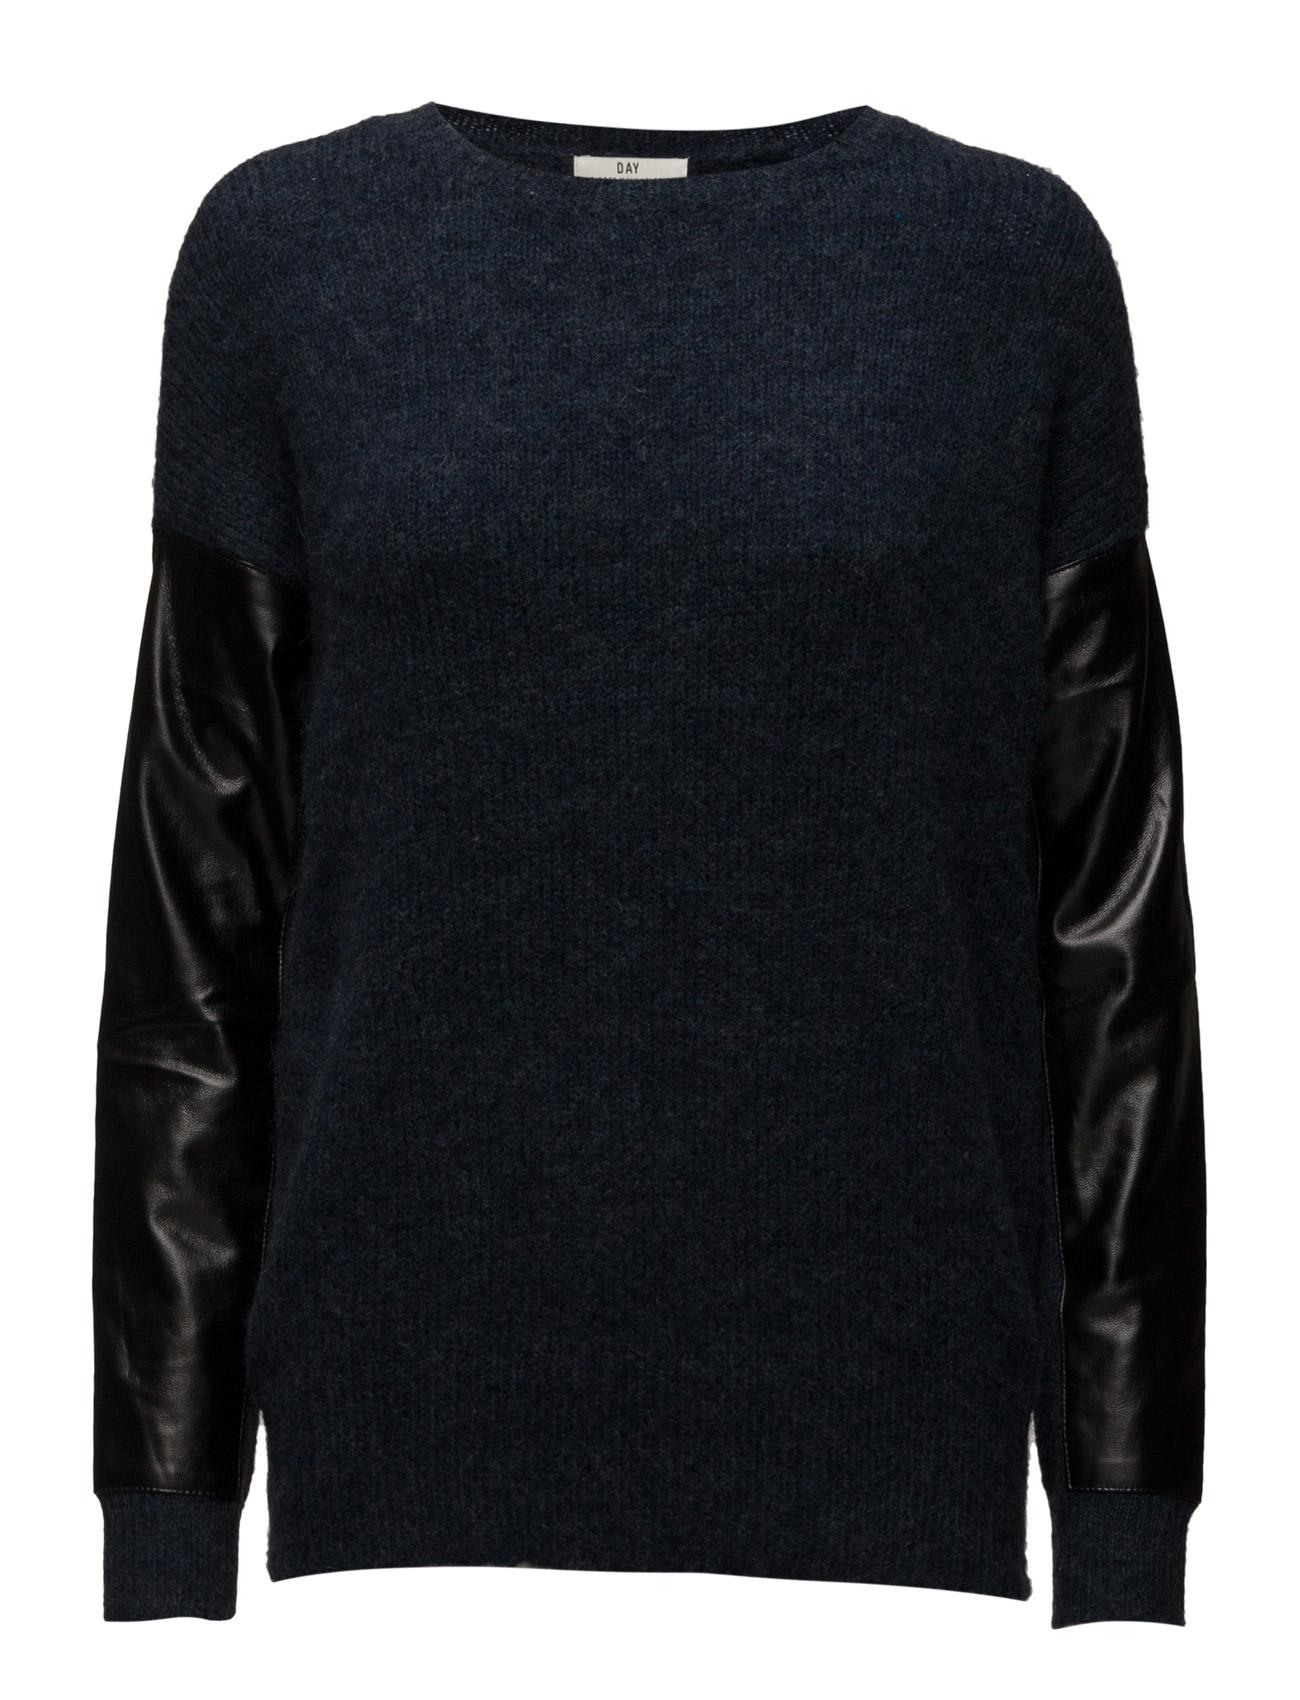 Day Eevit Day Birger et Mikkelsen Sweatshirts til Kvinder i